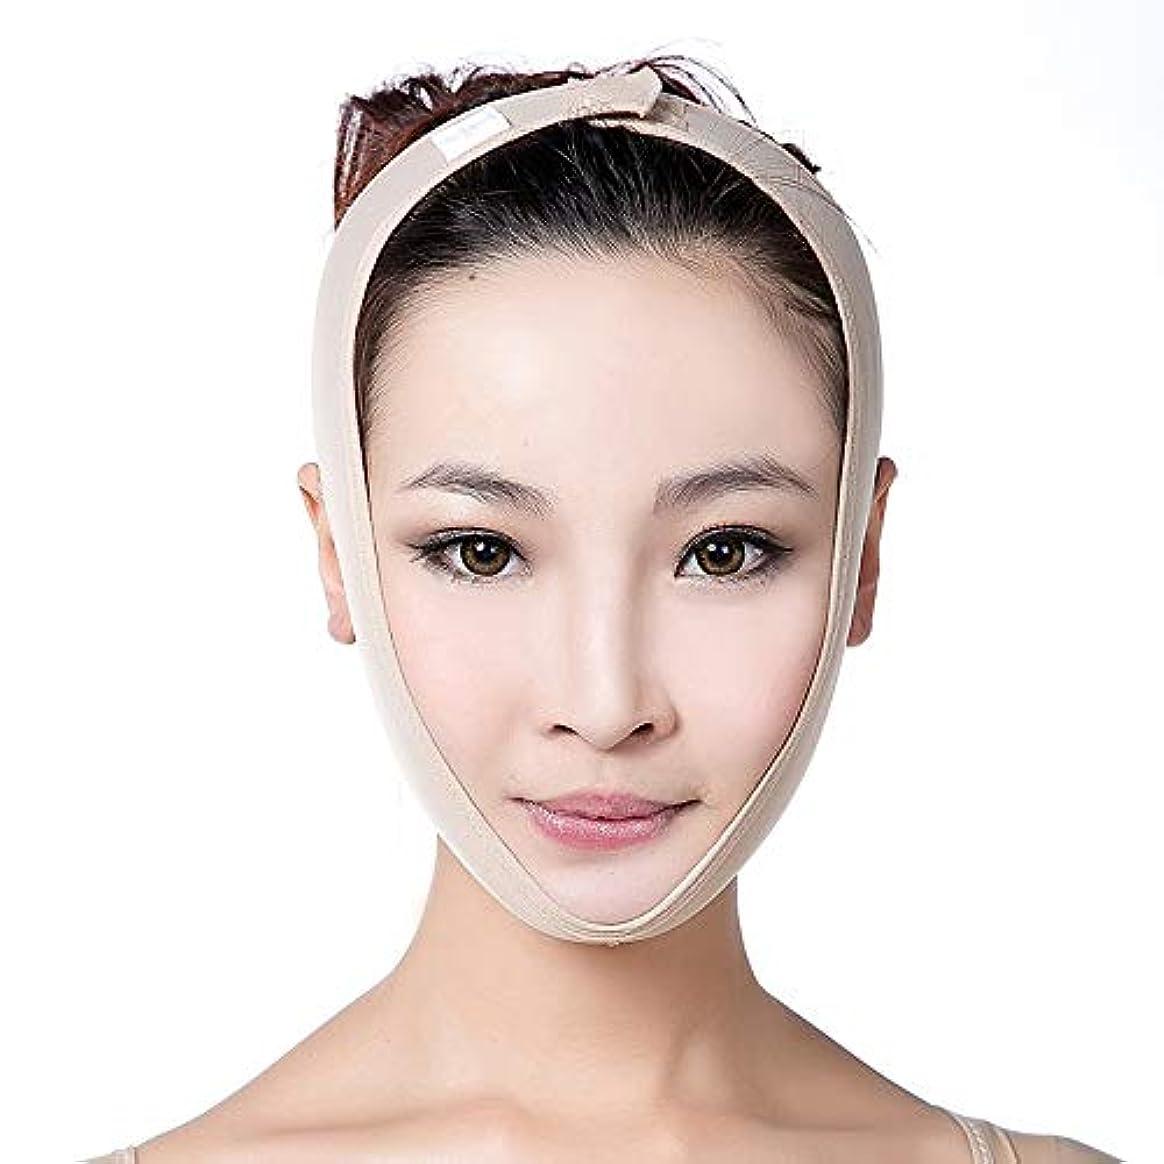 うがいセンチメンタル湿ったフェイスリフティングベルト、脂肪吸引V顔と顔フード持ち上げ、ファーミング後弾性ハーフマスクは、肌のしわ二重あごを縮小し、5つのサイズを改善するために、 (Size : XXL)